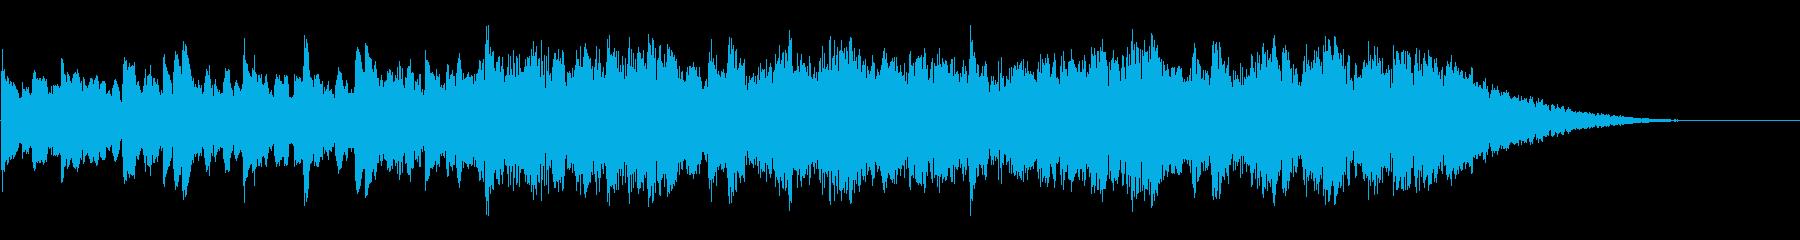 ピアノのパターン、ストリングス、そ...の再生済みの波形